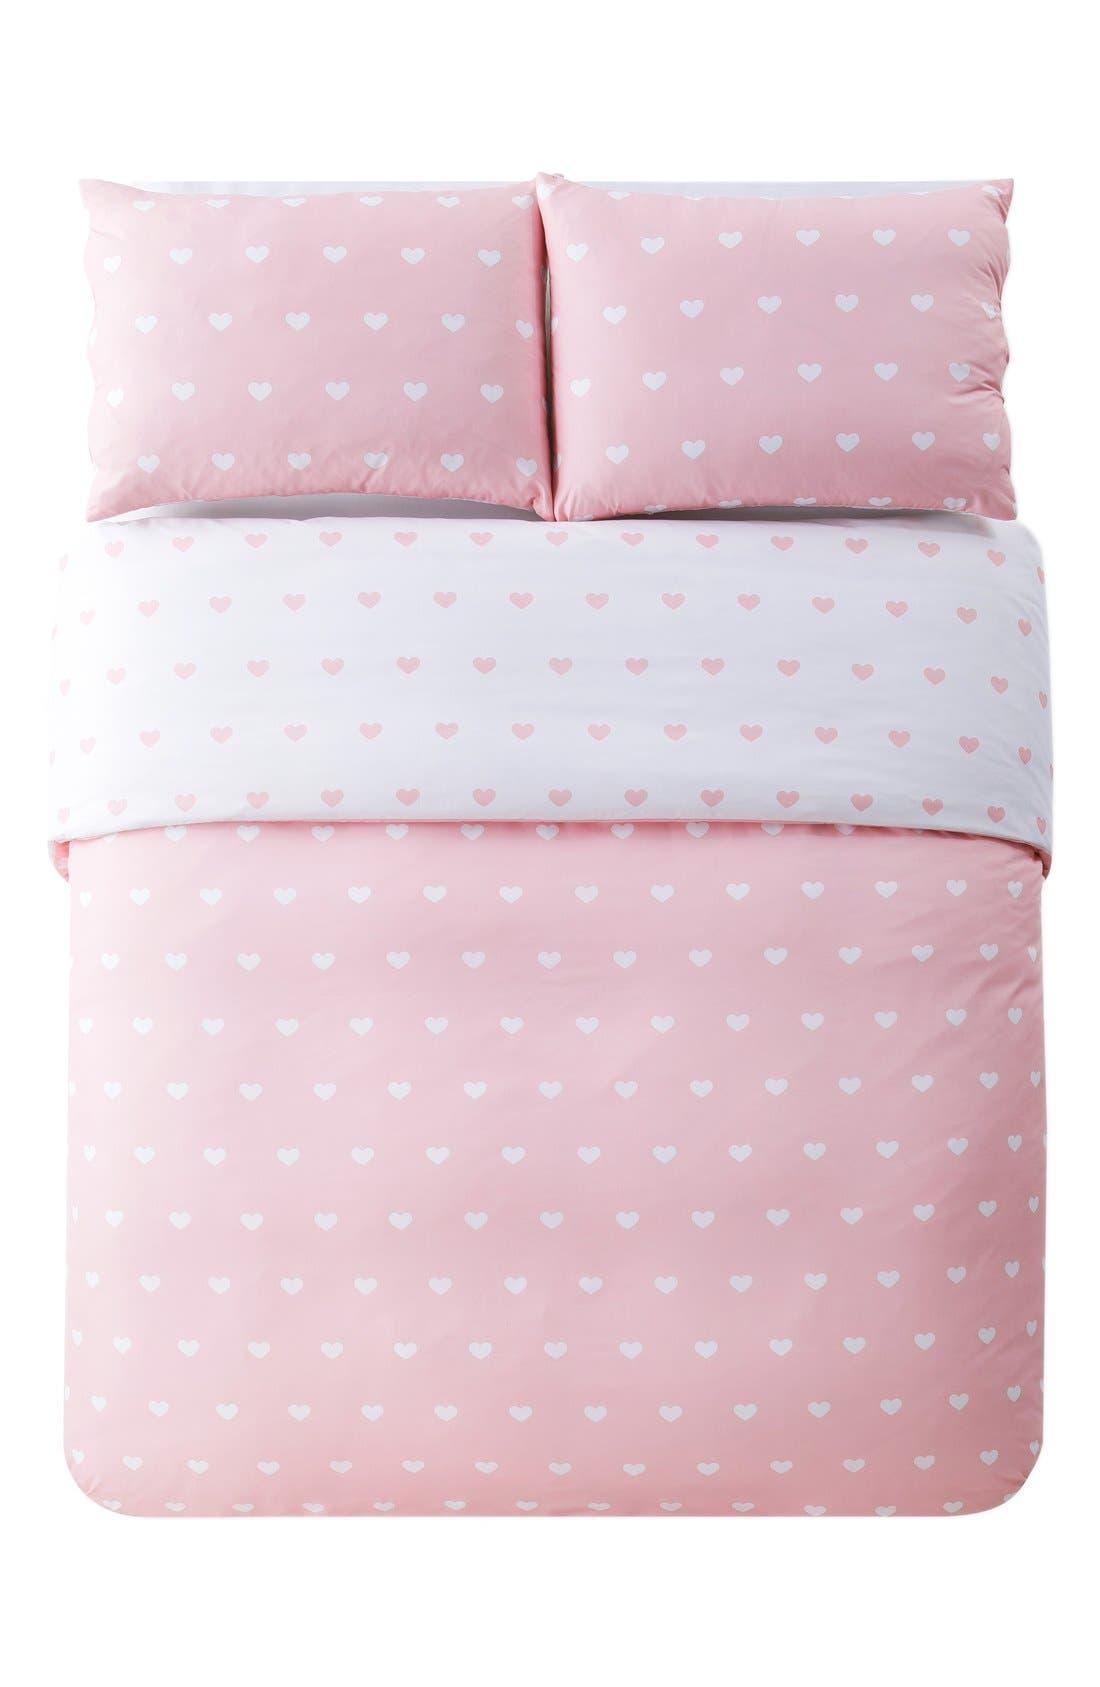 Main Image - LALA + BASH 'Kelly' Heart Print Comforter Set